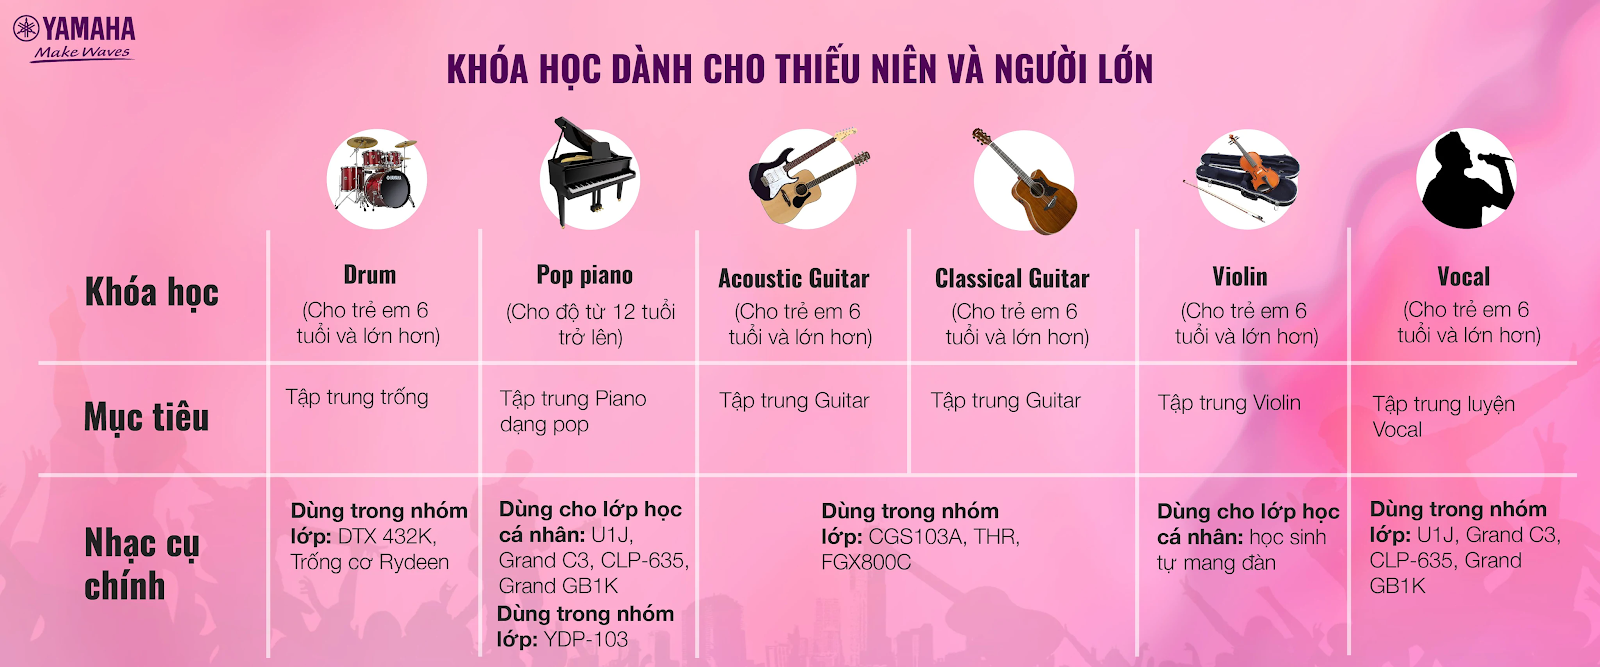 khóa học piano cho người lớn